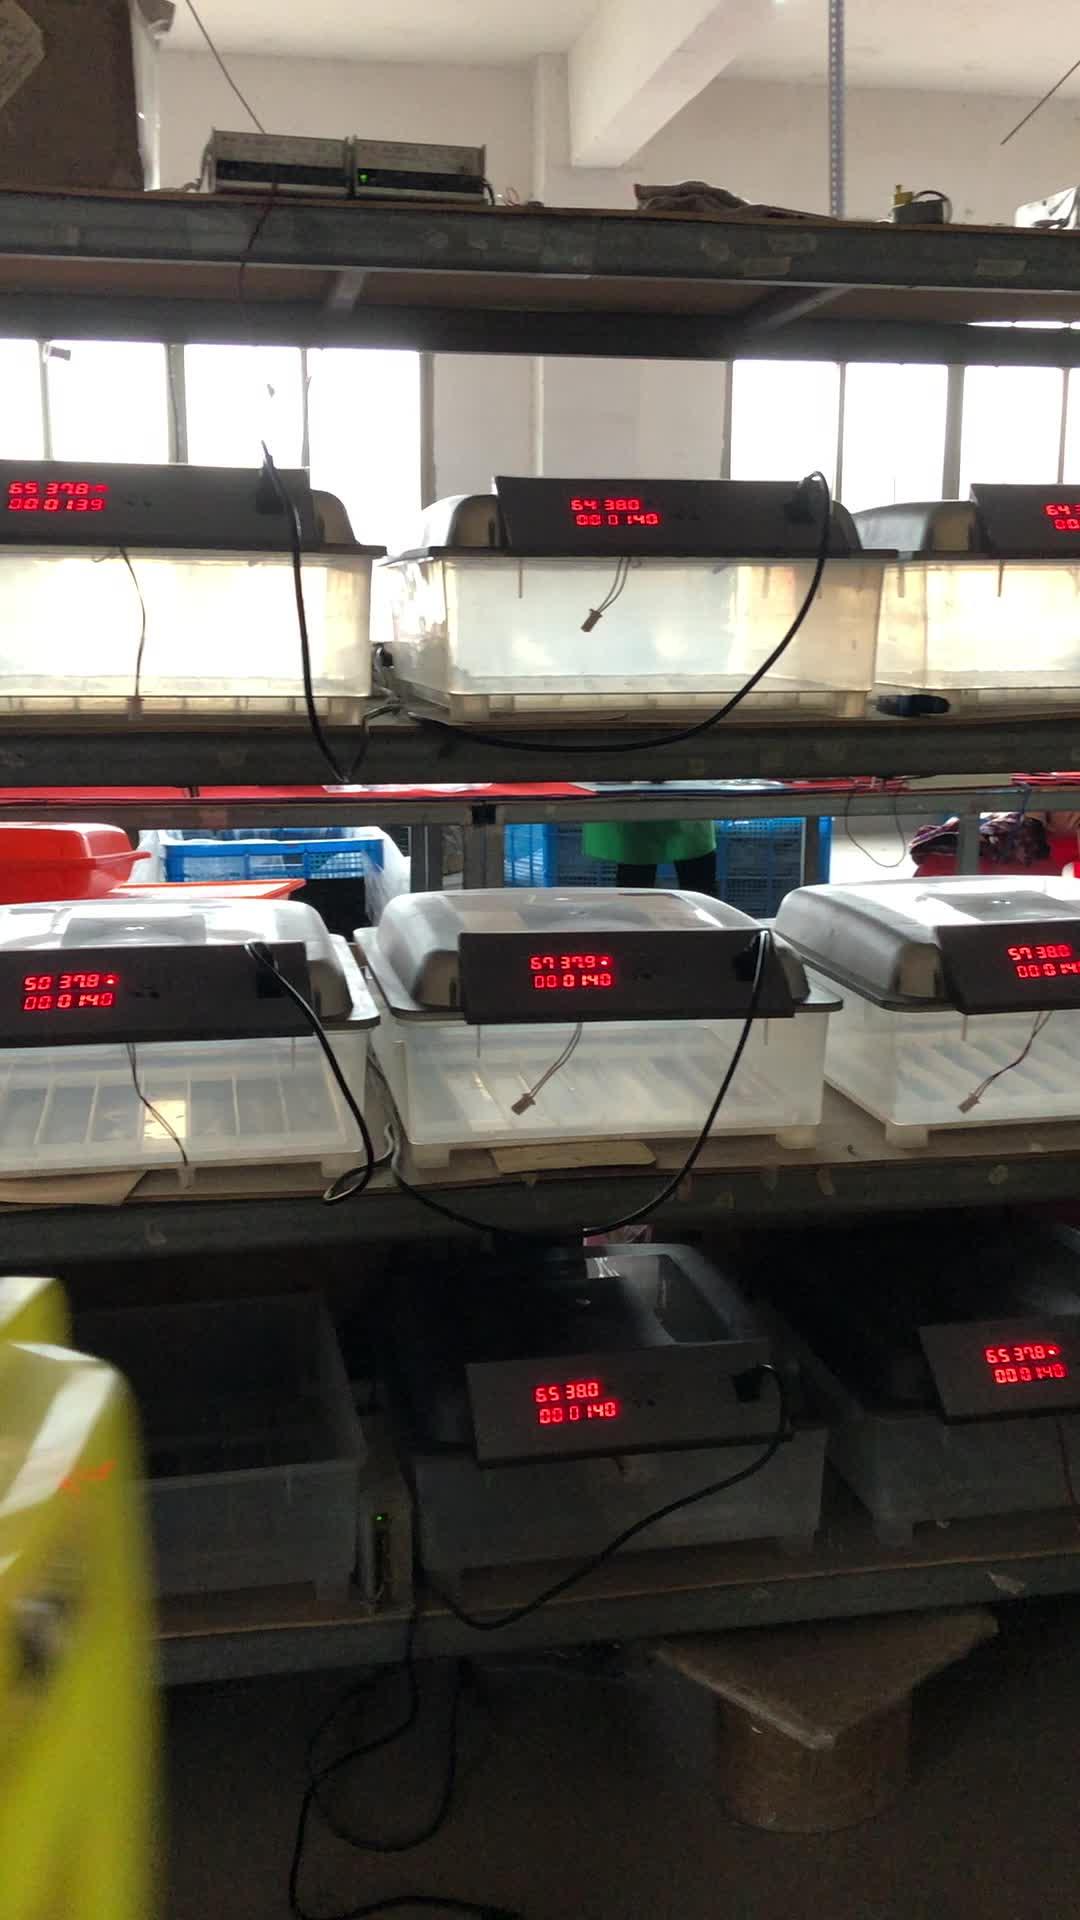 Patentado automática completa de alimentación dual mini incubadora de huevos, 220V y 12V 32 huevos incubadora para la venta con CE aprobado YZ-32